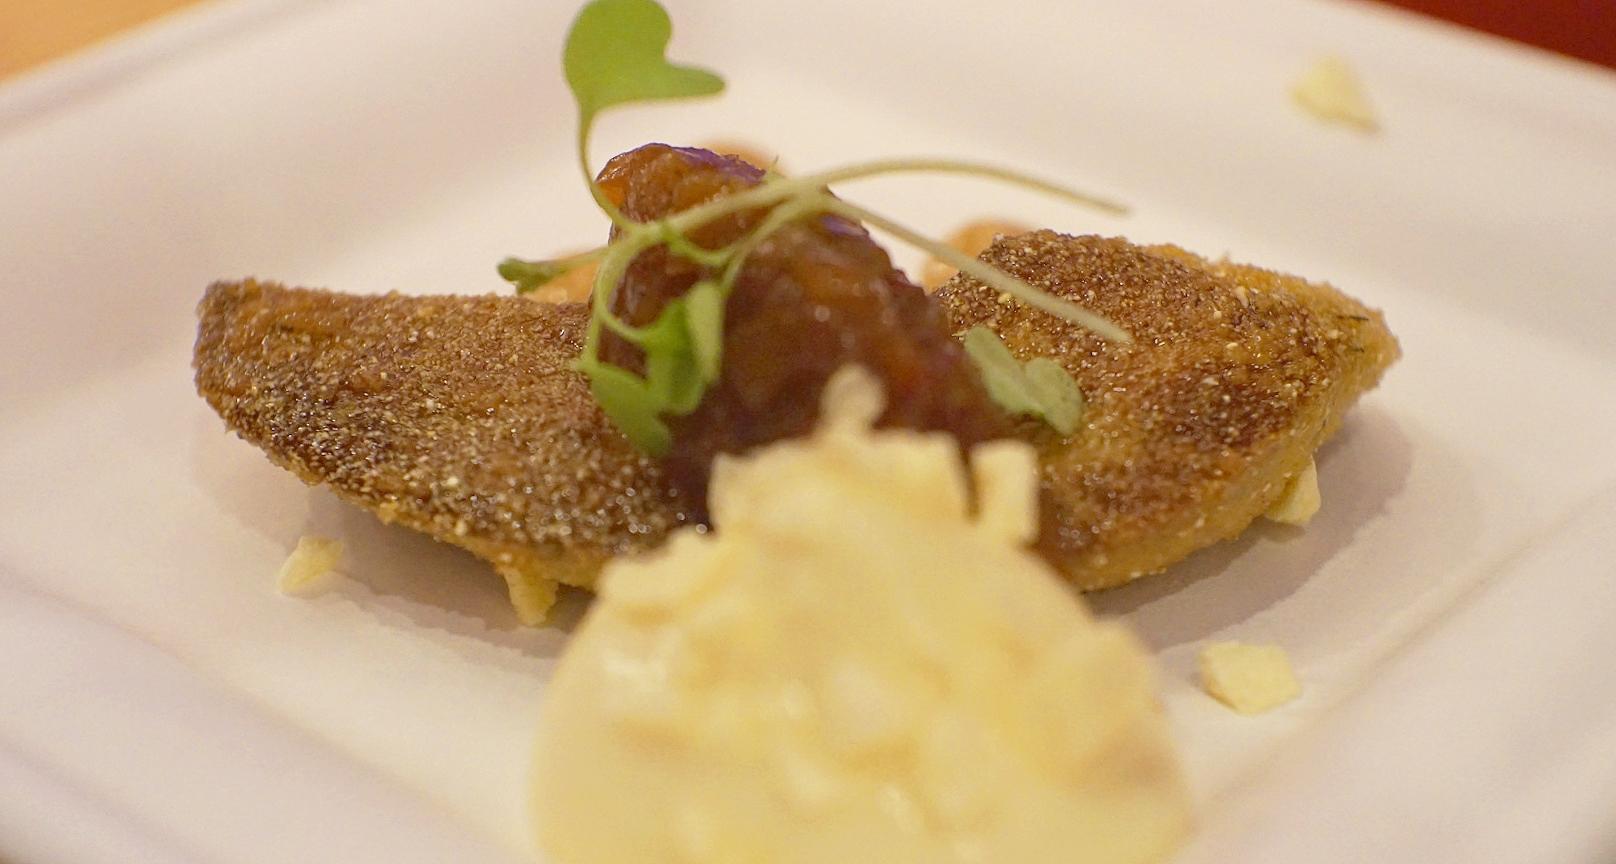 Pan fried foie gras by Scott Webster